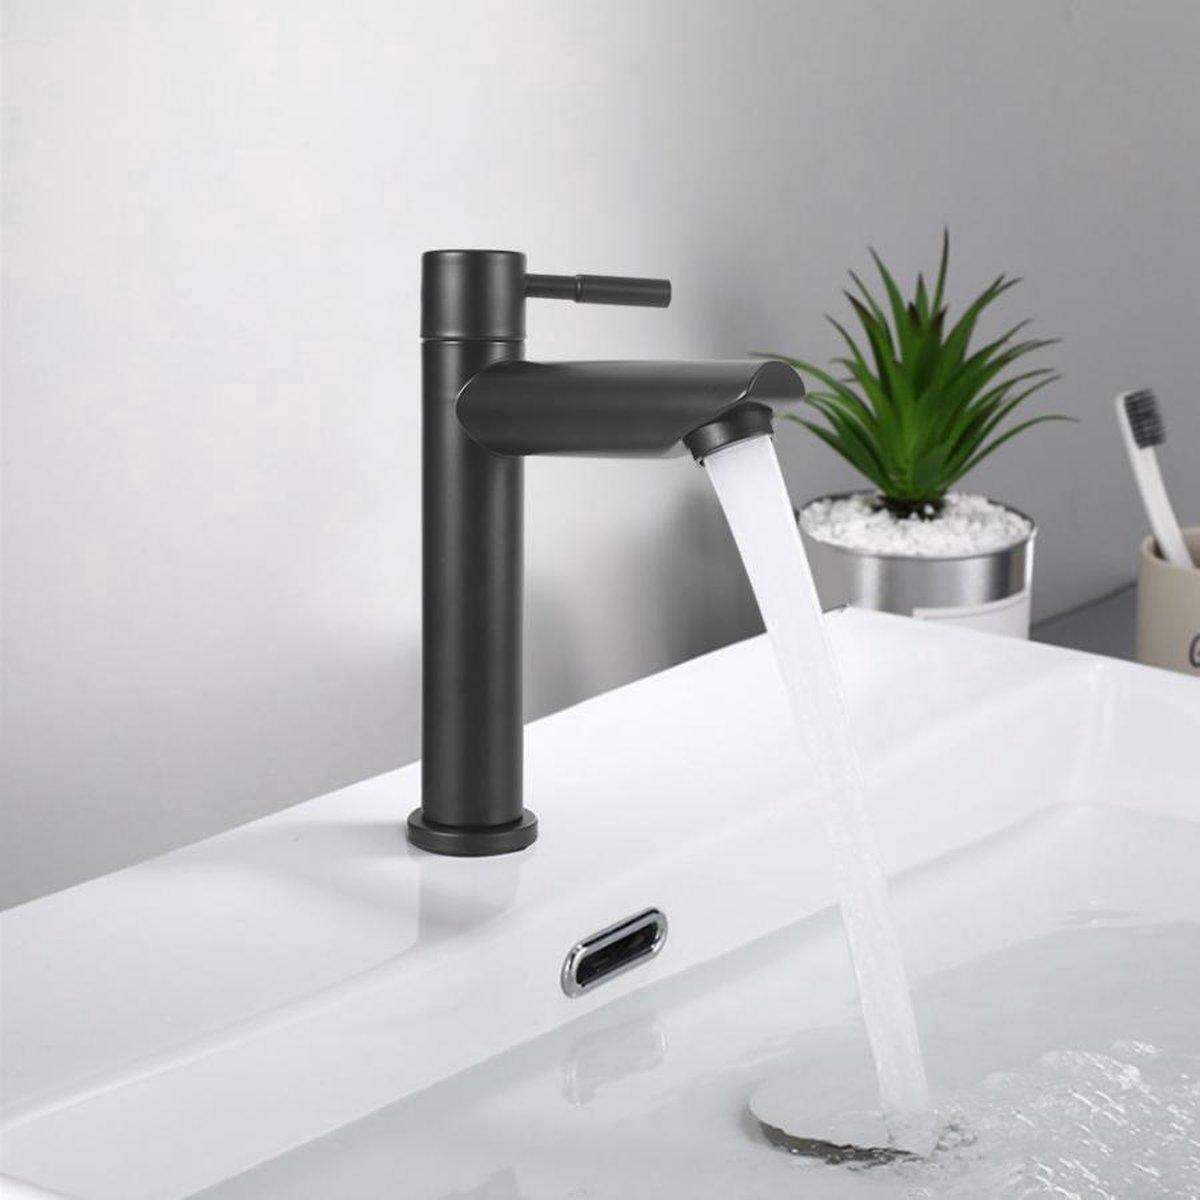 Wastafelkraan zwart toiletkraan kraan koudwaterkraan fonteinkraan kop - badkamer keuken toilet